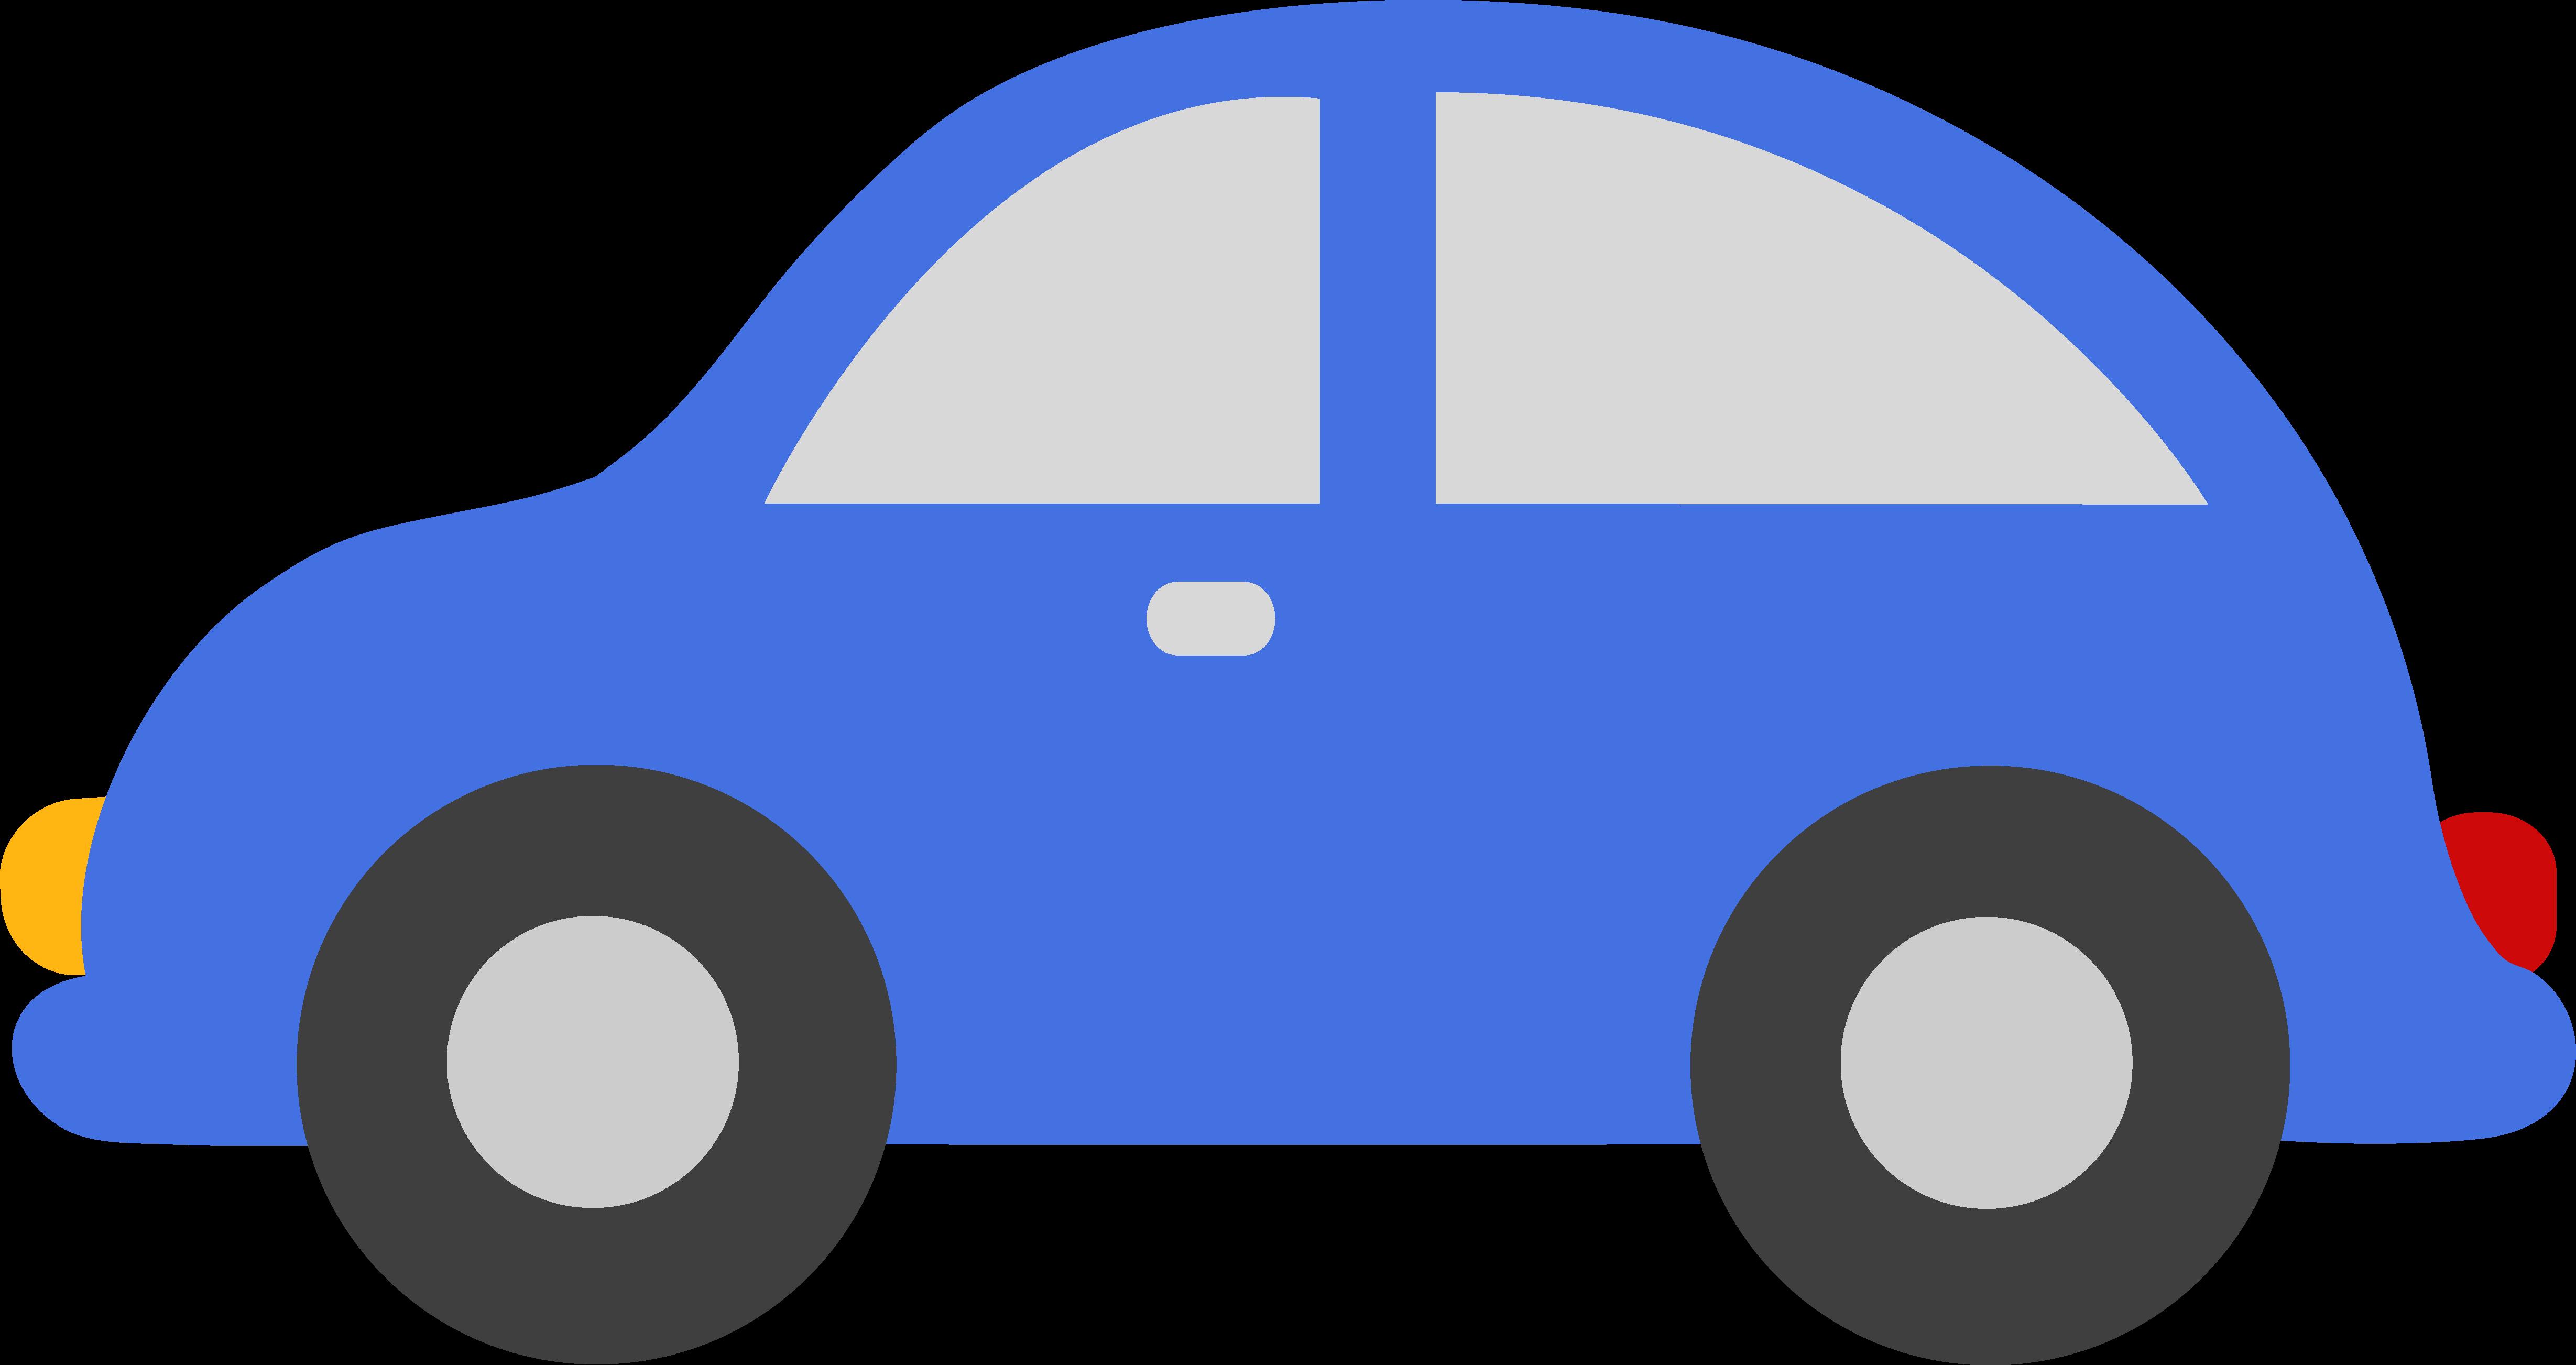 Black sports car clipart: Car